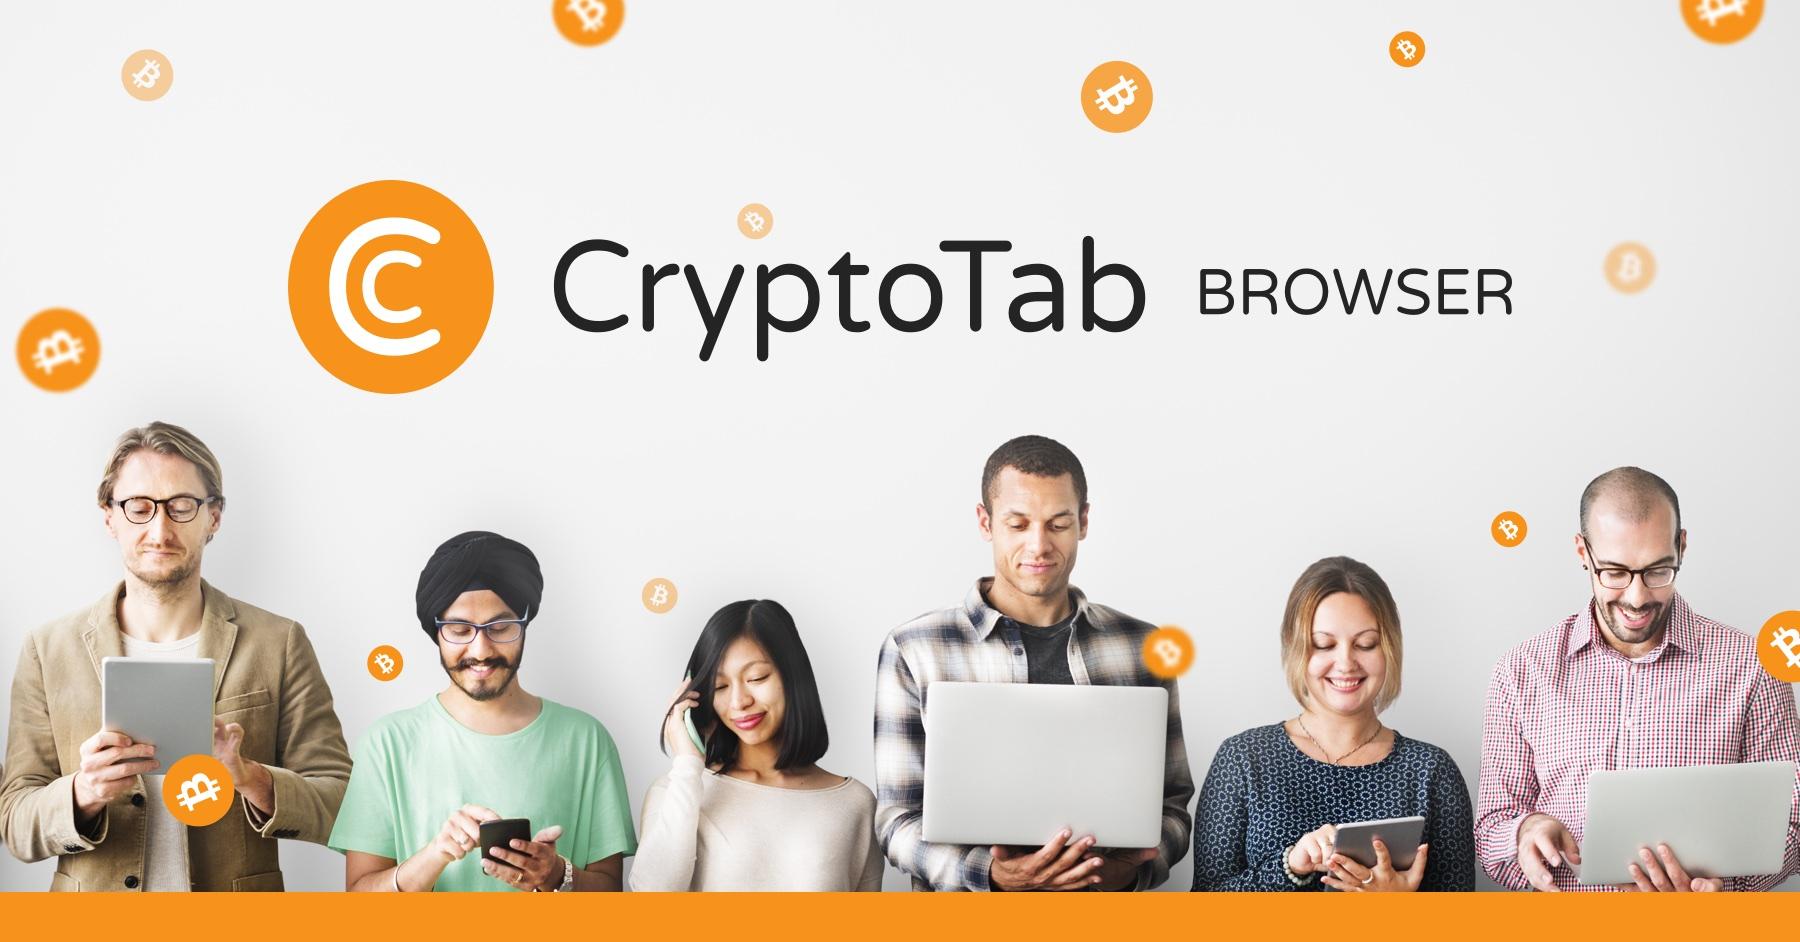 แนะนำบราวเซอร์ใหม่มาแรง ใช้แล้วได้ Bitcoin ฟรีๆ ใช้ง่าย จ่ายจริง!!